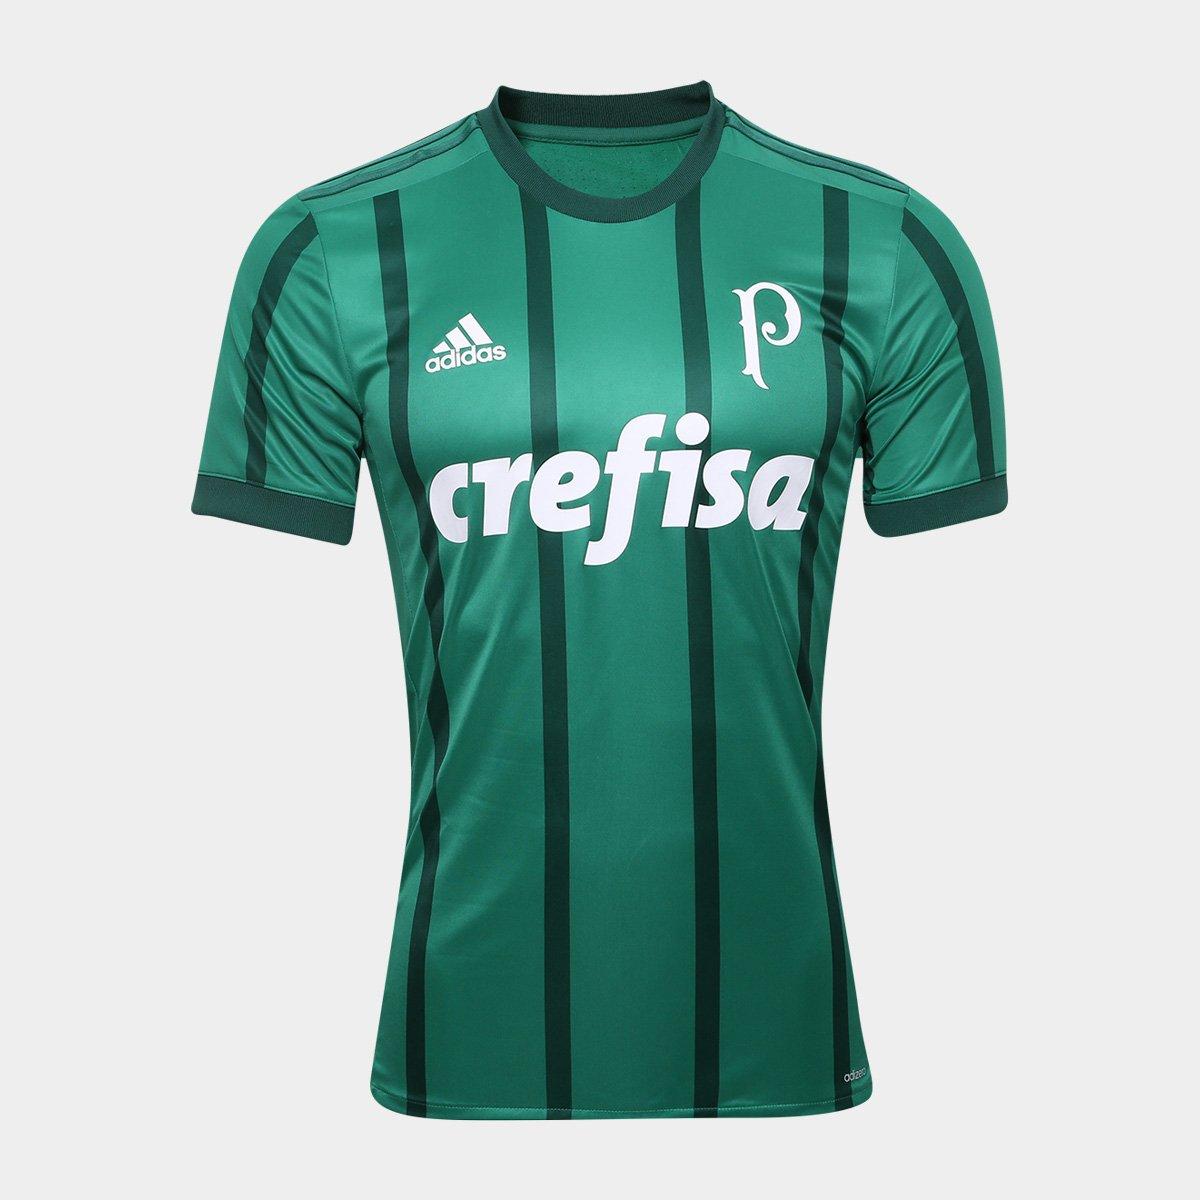 3dc6885155e79 Camisa Palmeiras I s n° 17 18 - Jogador Adidas Masculina - Compre Agora